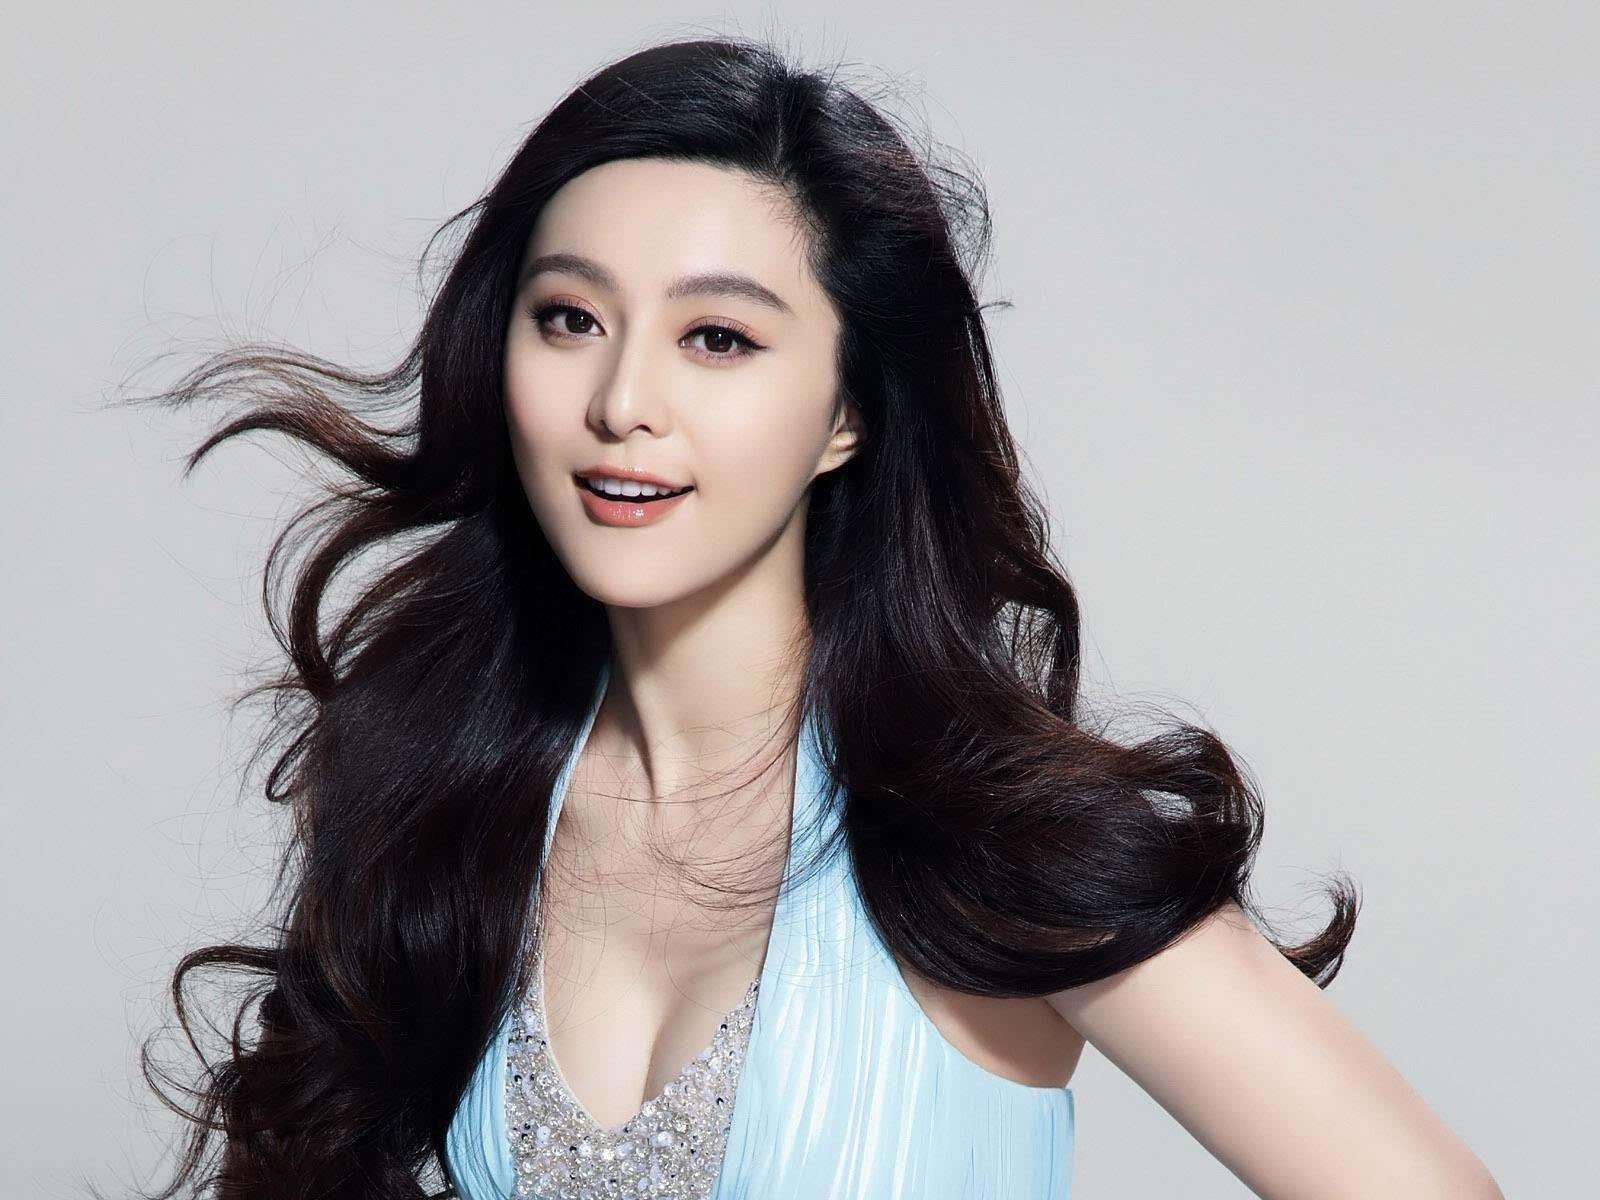 范冰冰将接受制裁 她和李晨还能结婚吗?